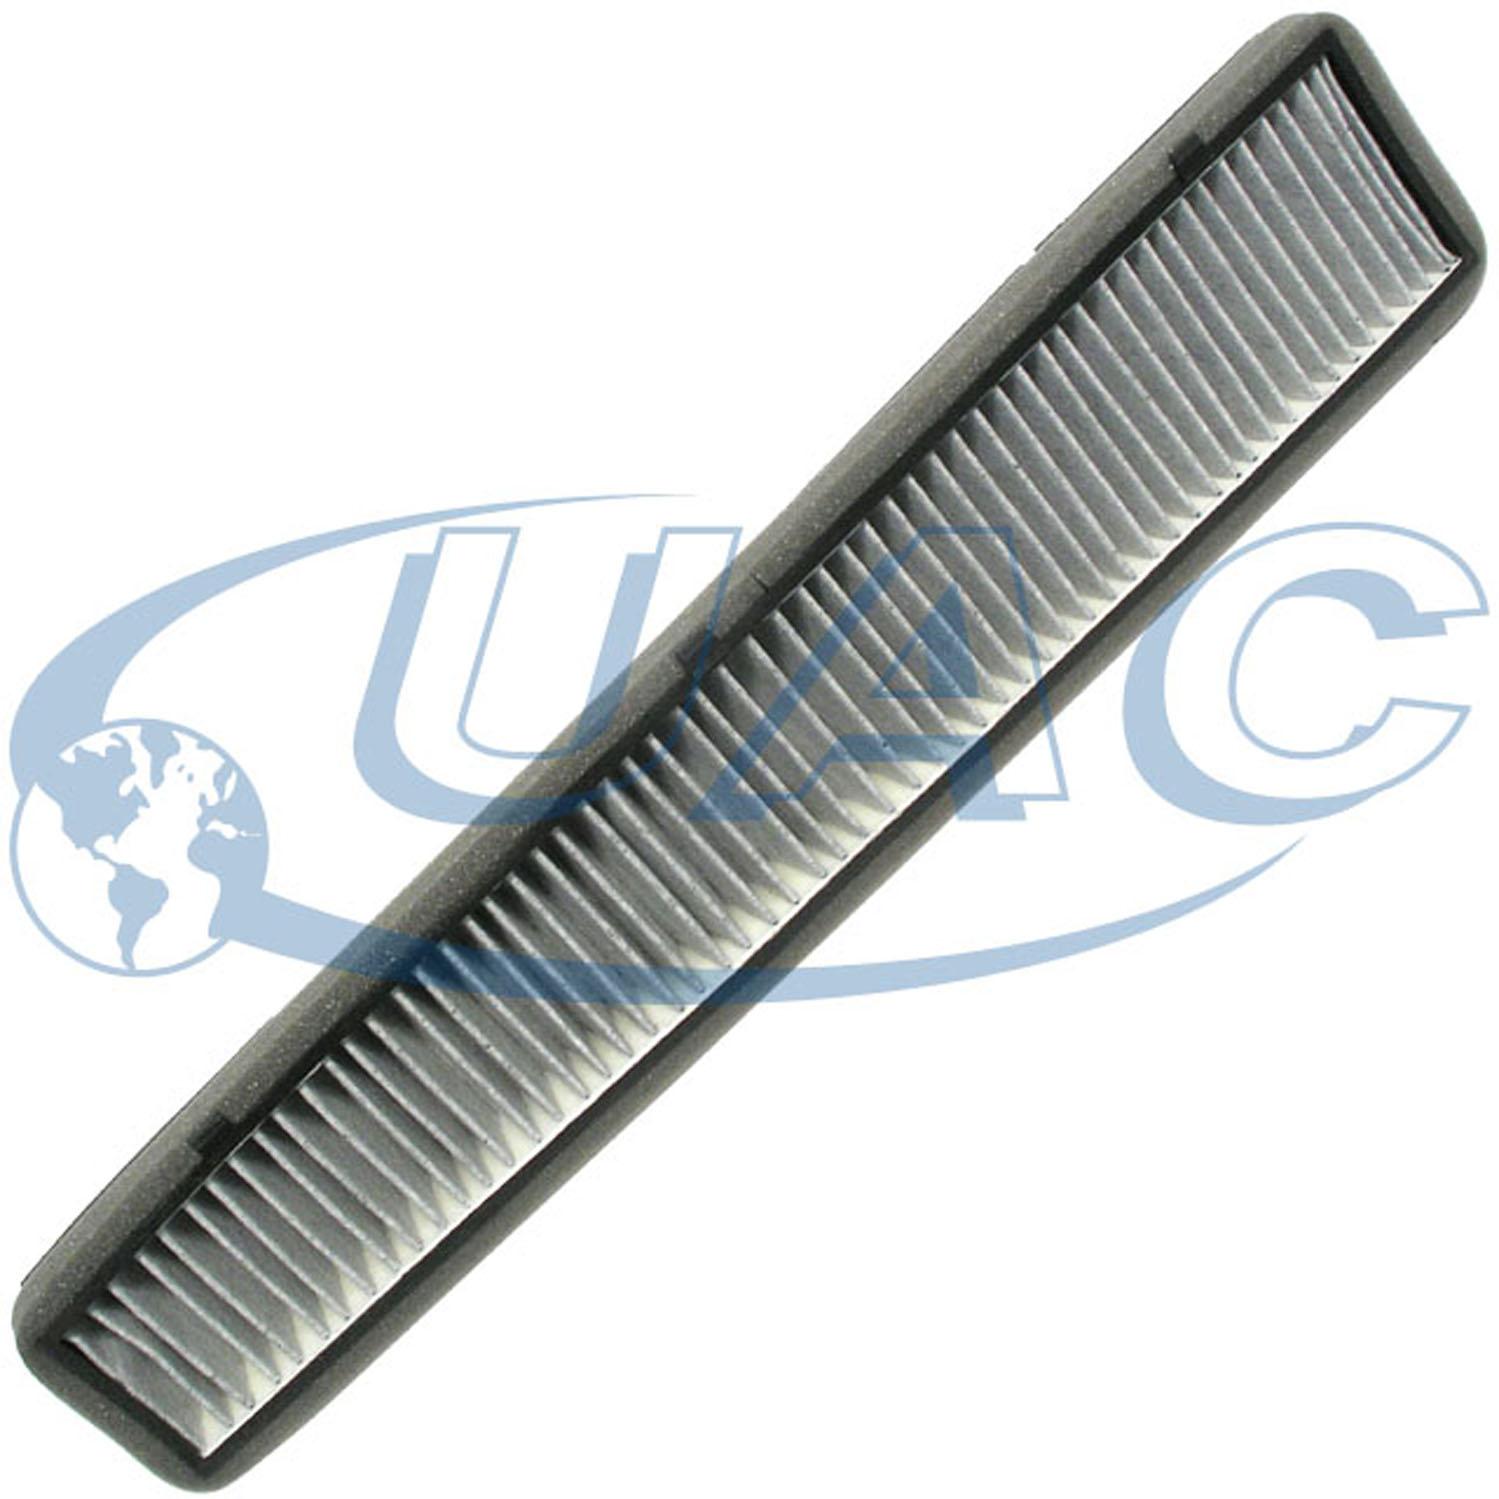 Charcoal Cabin Air Filter MERC VILLGR3.0L 00-97